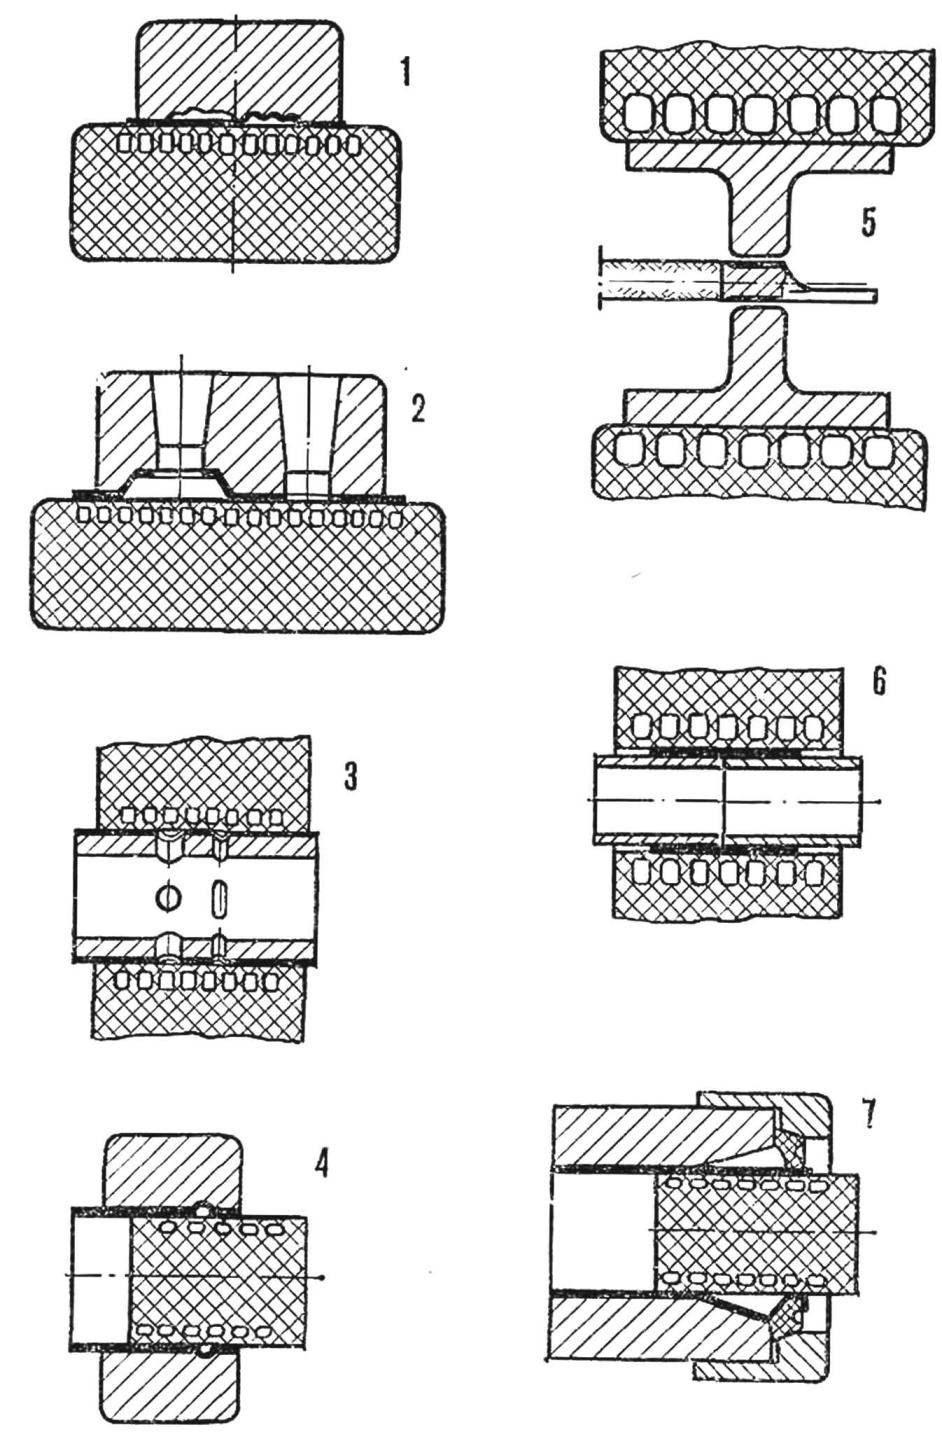 Рис. 5. Схемы технологических операций магнитной штамповки